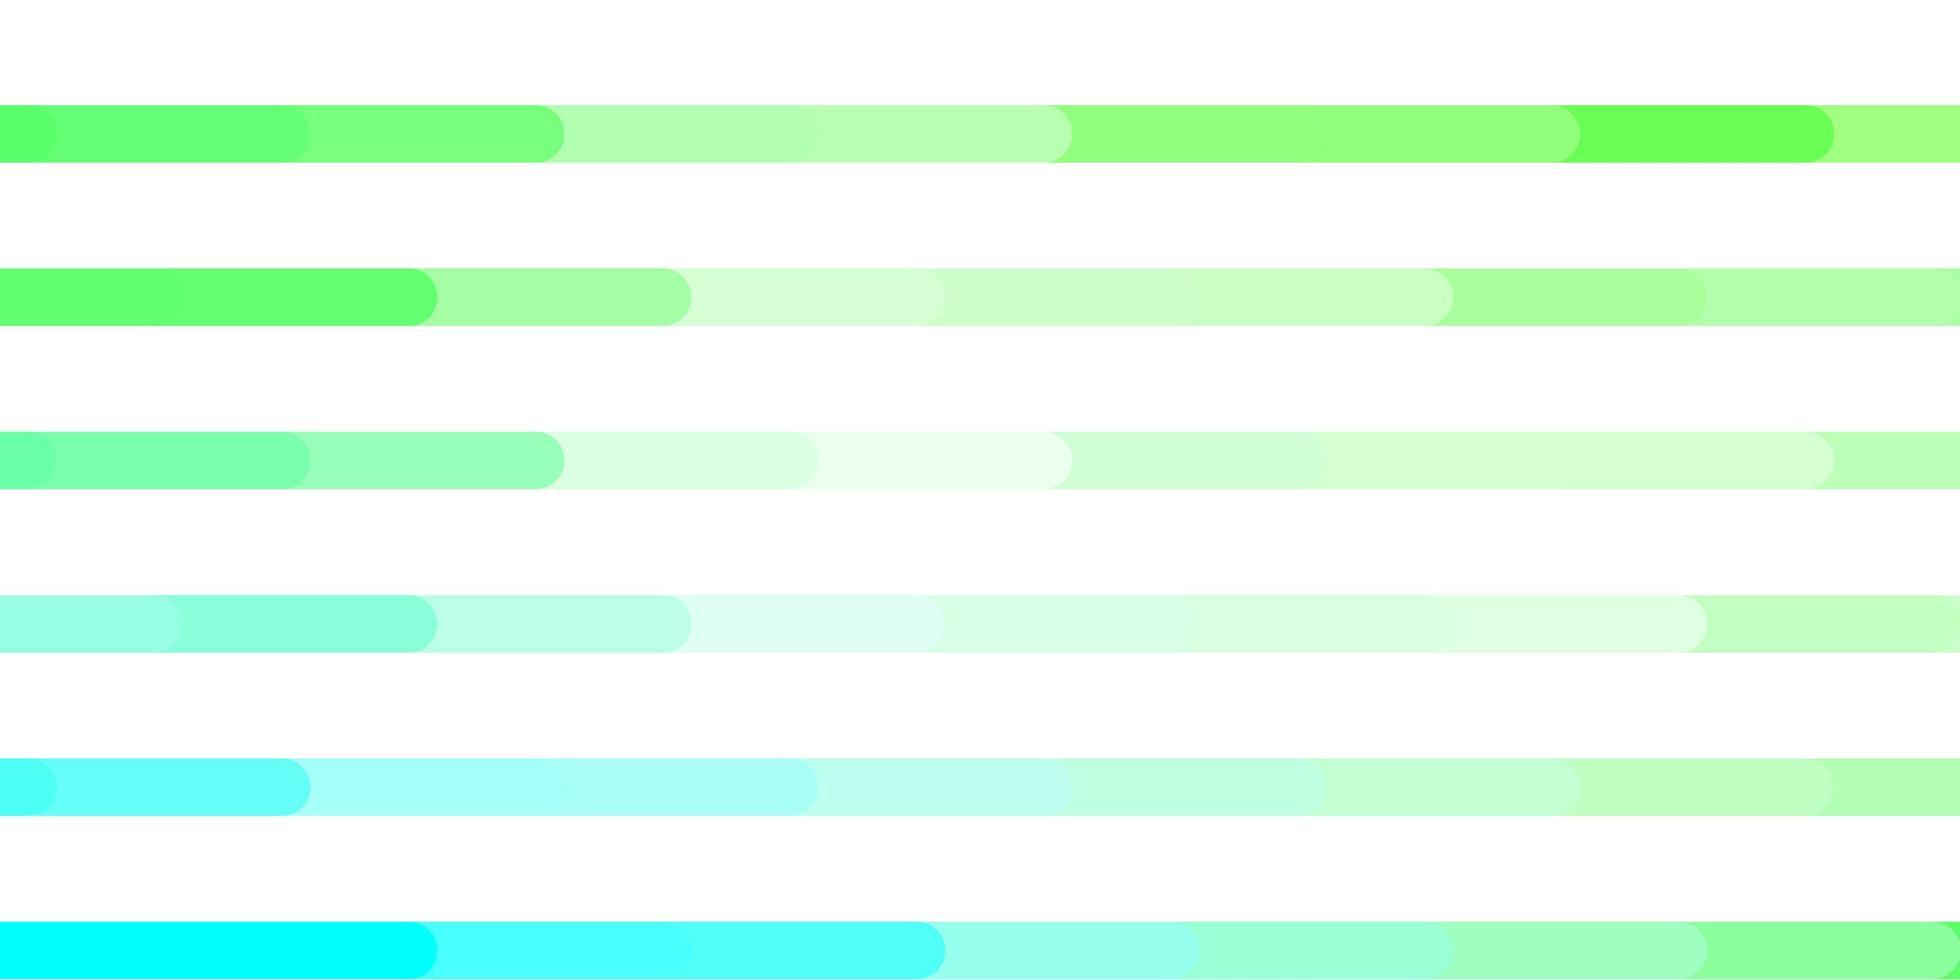 lichtgroene achtergrond met lijnen. vector